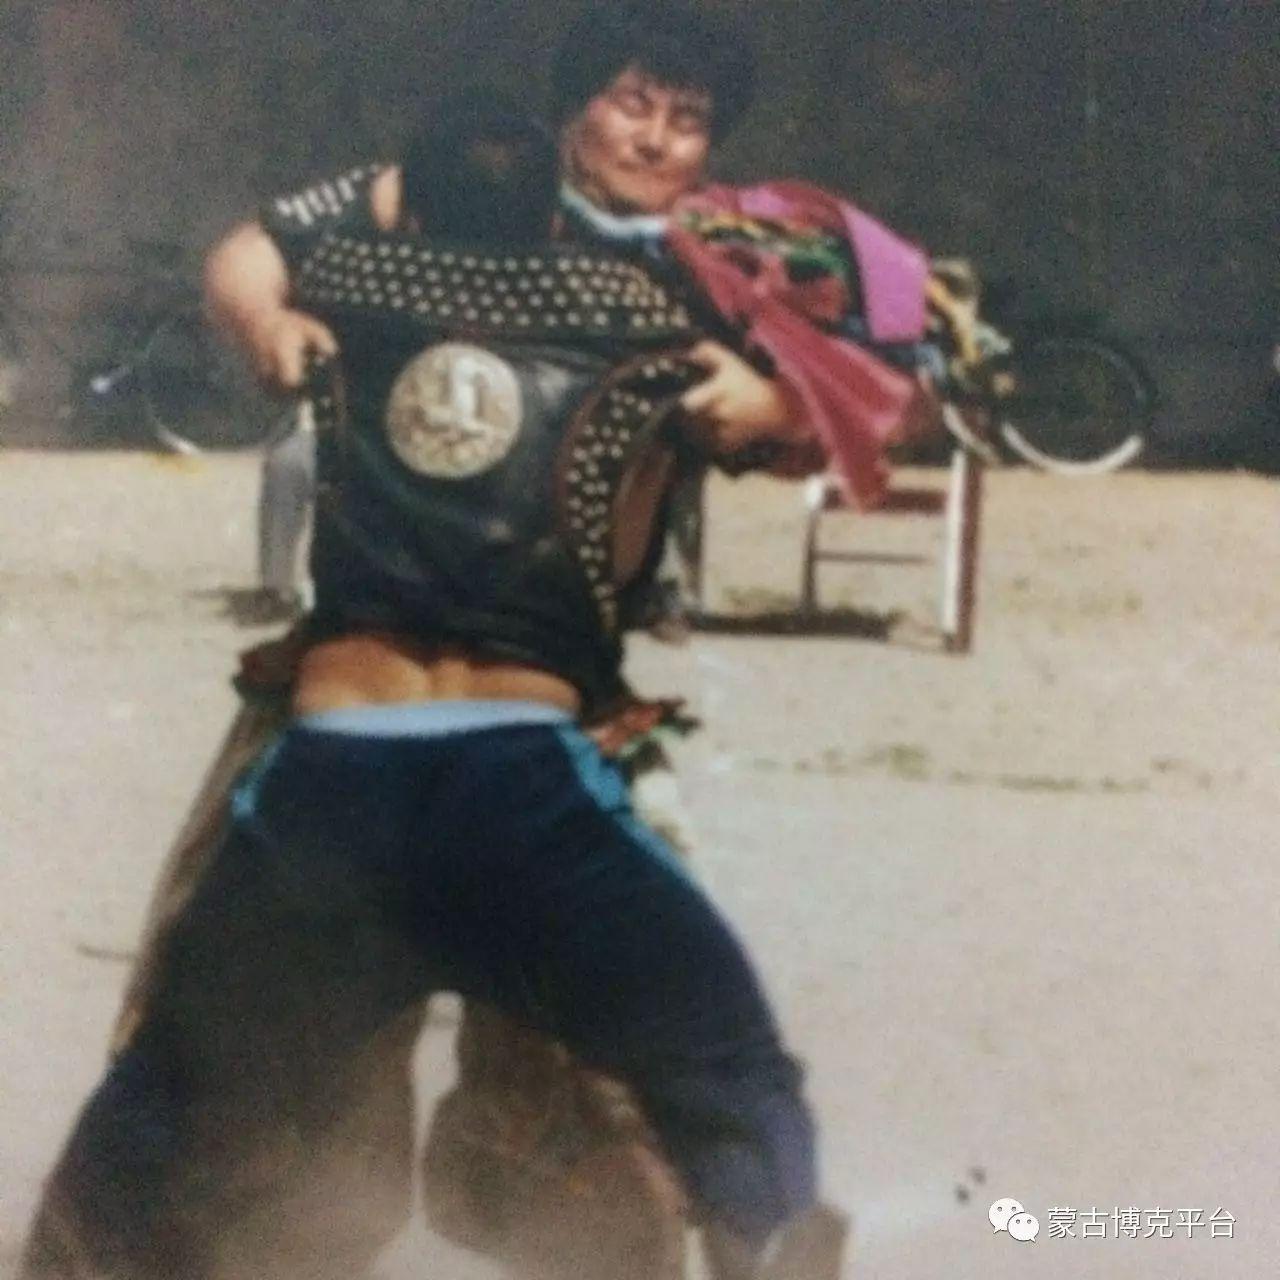 蒙古博克-老前辈们(图片) 第13张 蒙古博克-老前辈们(图片) 蒙古文化